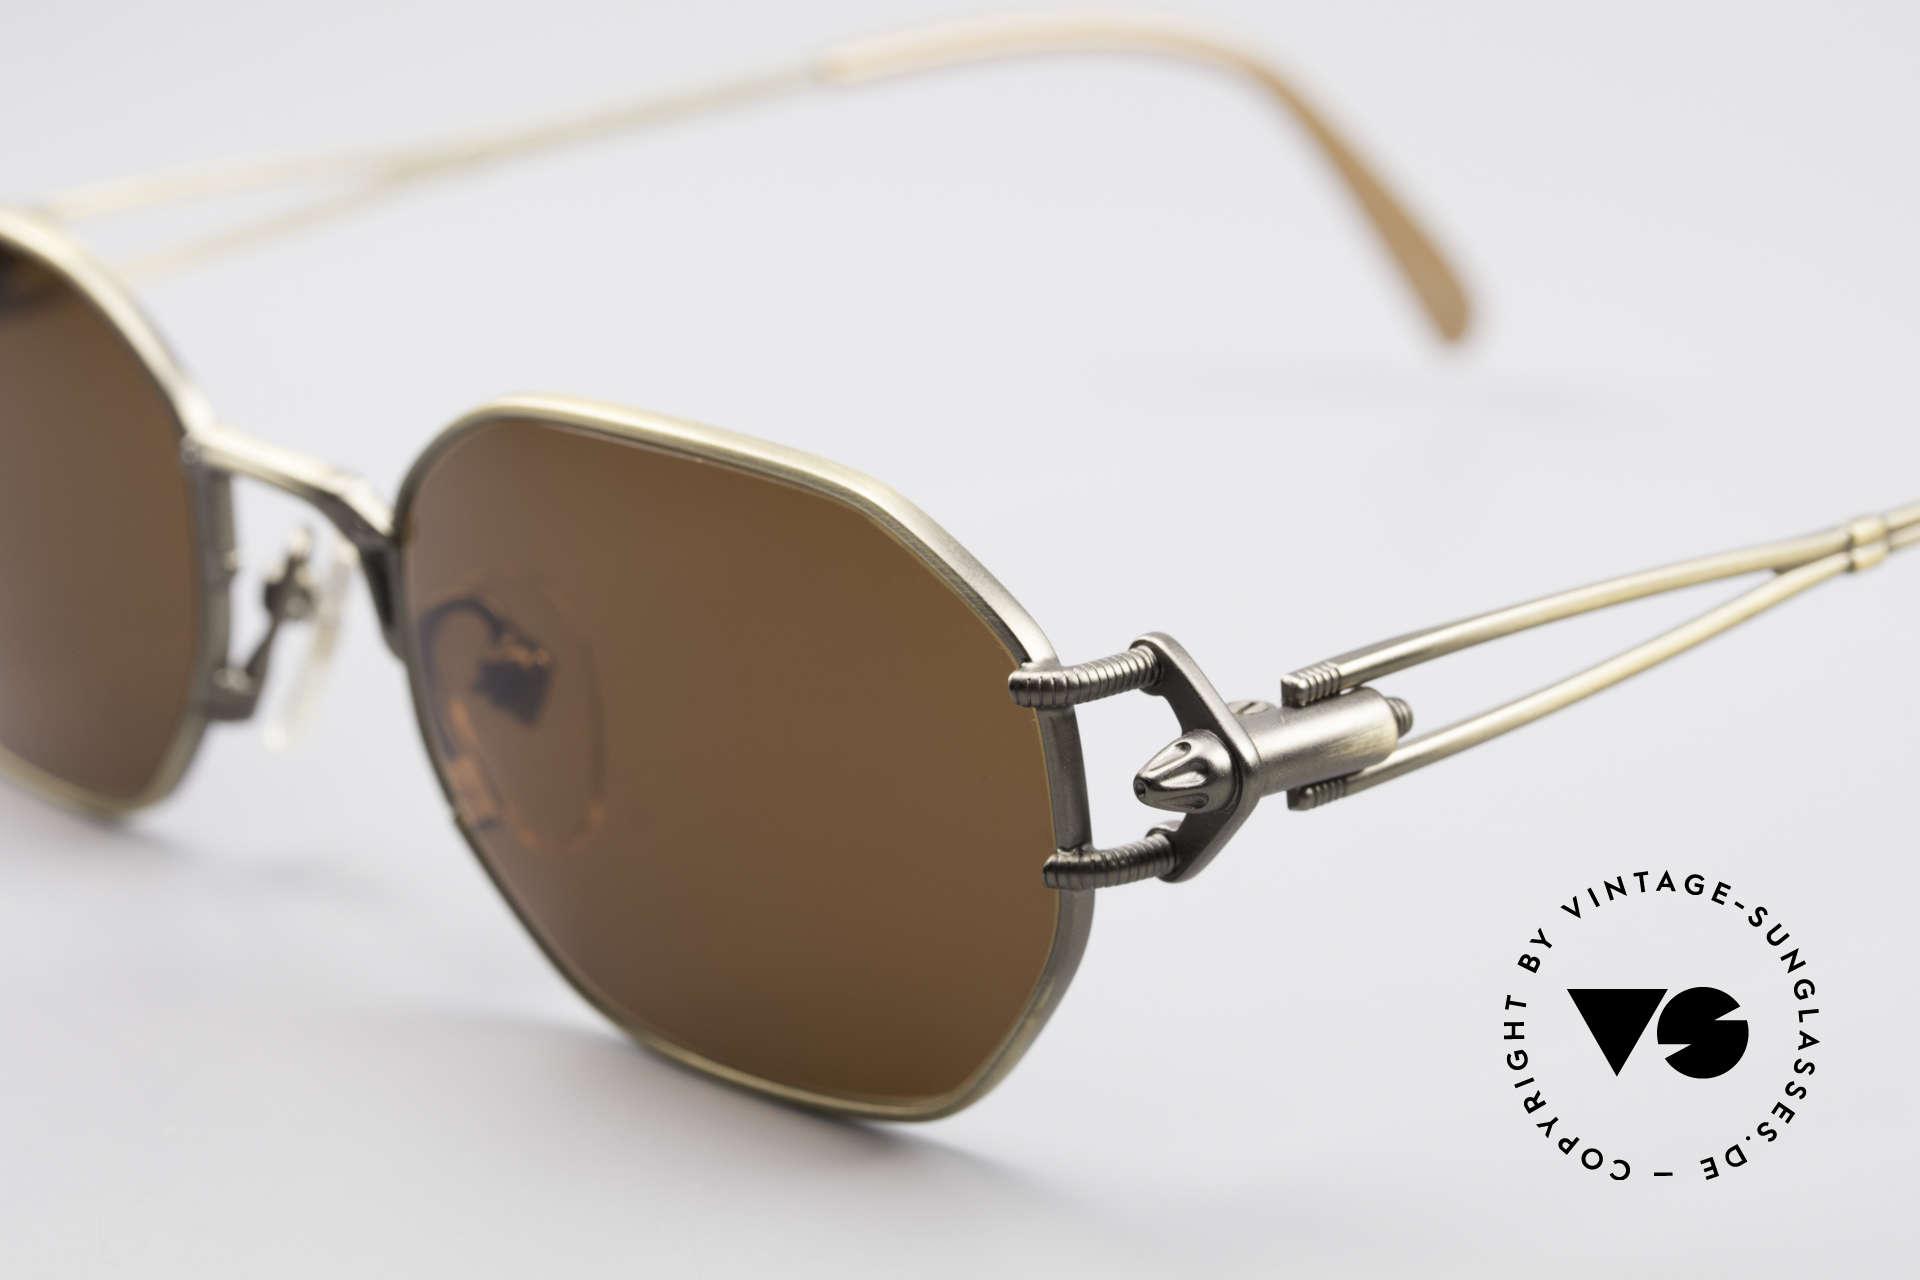 Jean Paul Gaultier 55-6106 90er Designer Sonnenbrille, enorm hochwertig (made in Japan) & 100% UV Schutz, Passend für Herren und Damen